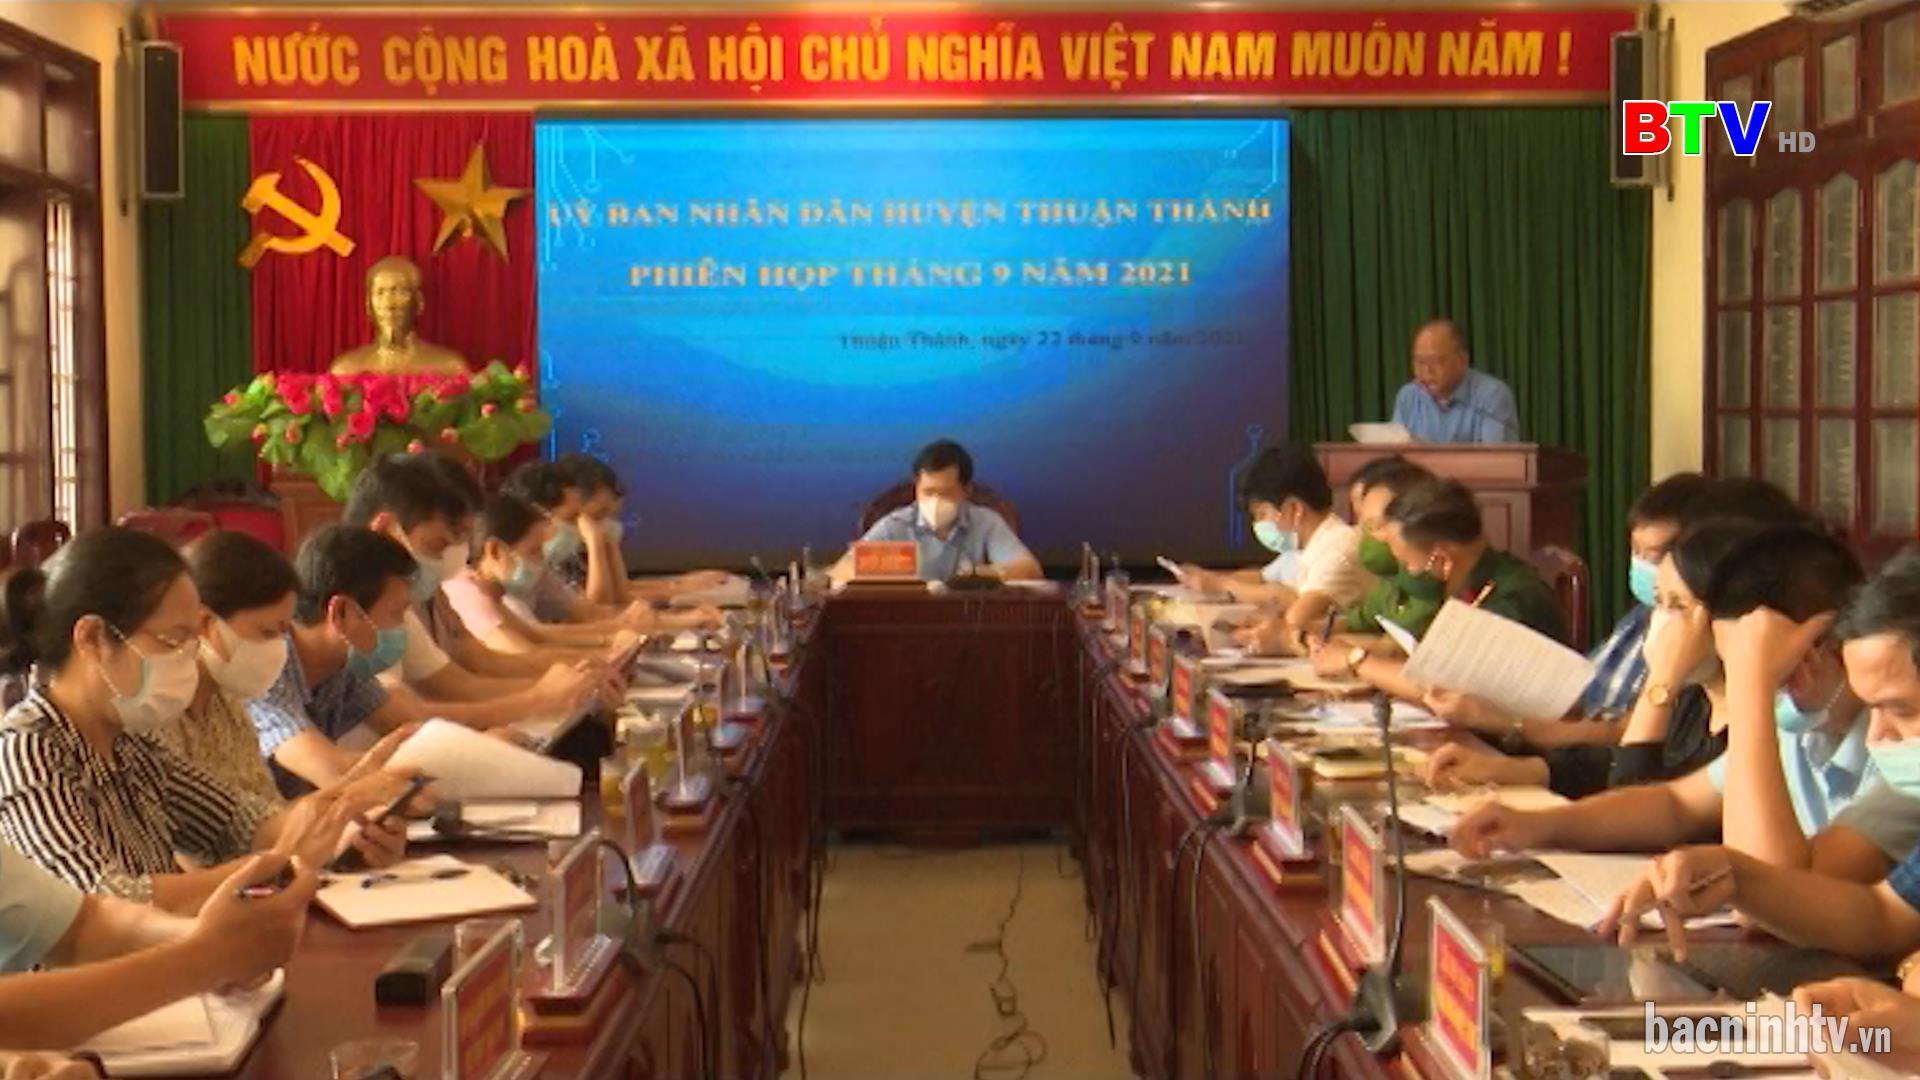 Huyện Thuận Thành triển khai nhiệm vụ 3 tháng cuối năm 2021